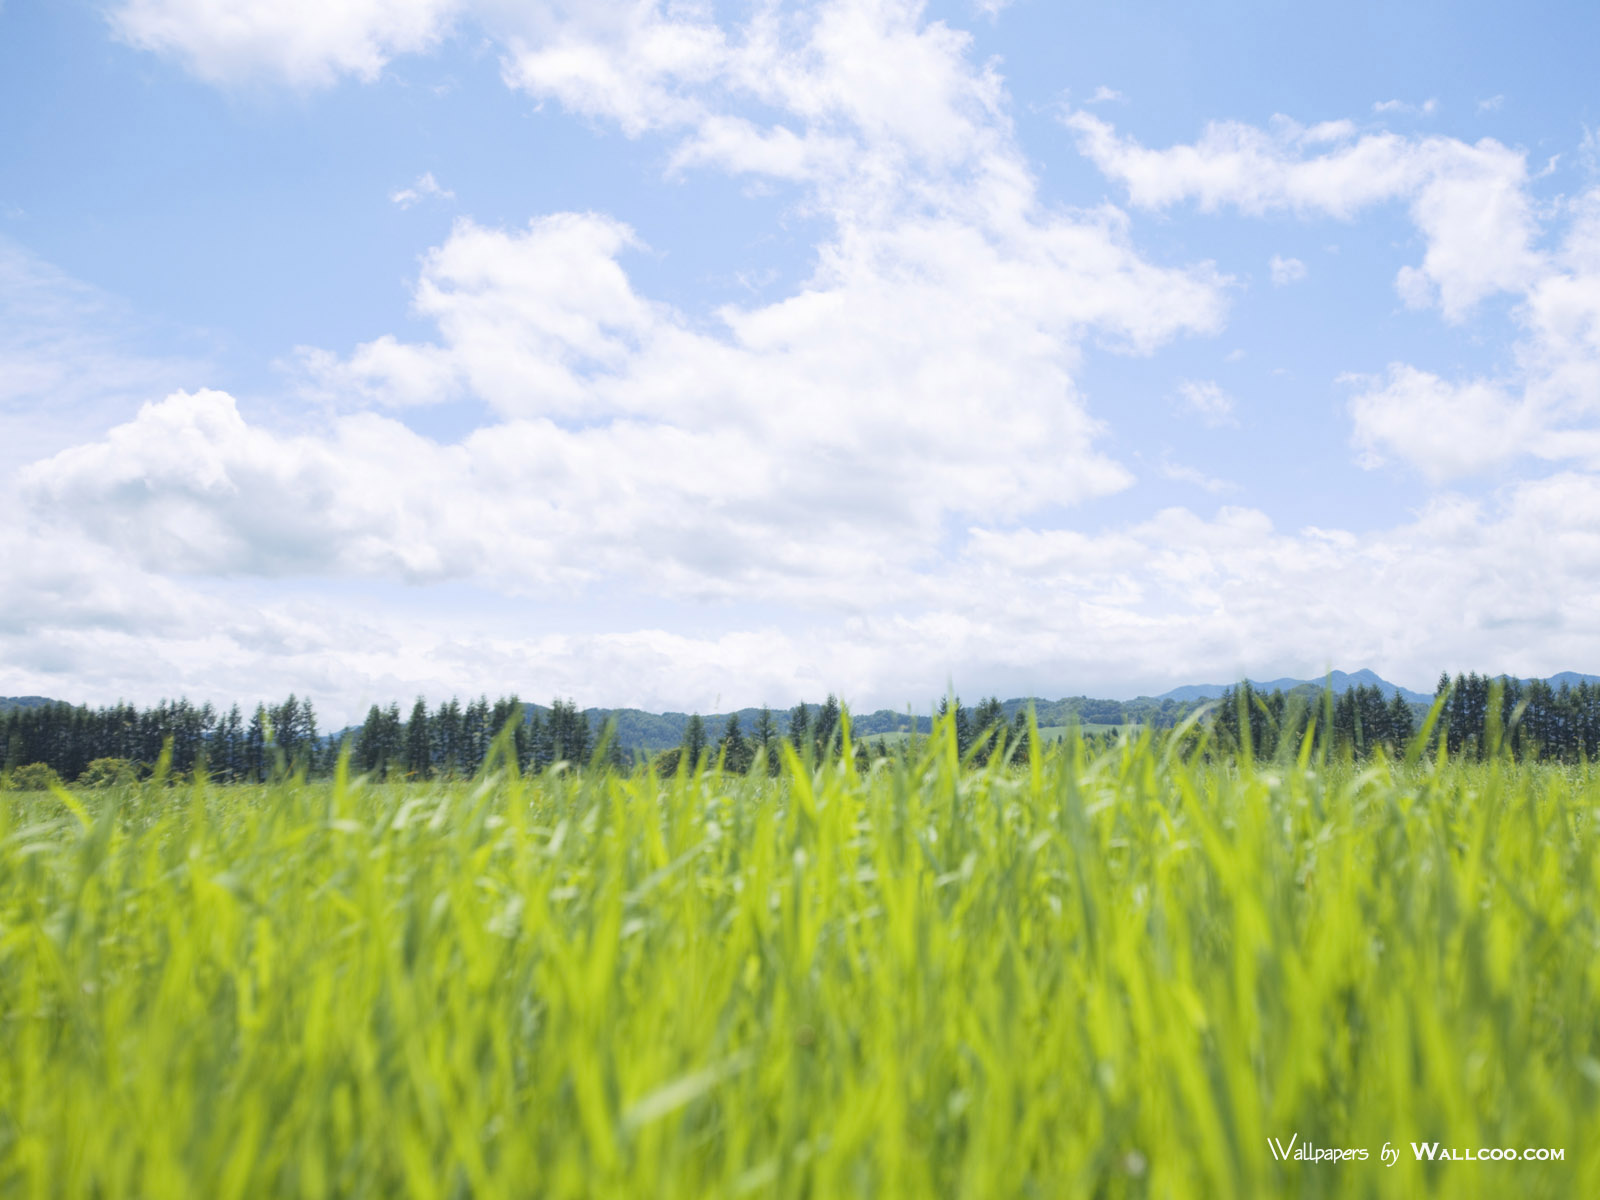 1200原野草原草地图片 Vast Grassland Photography壁纸,青青草原